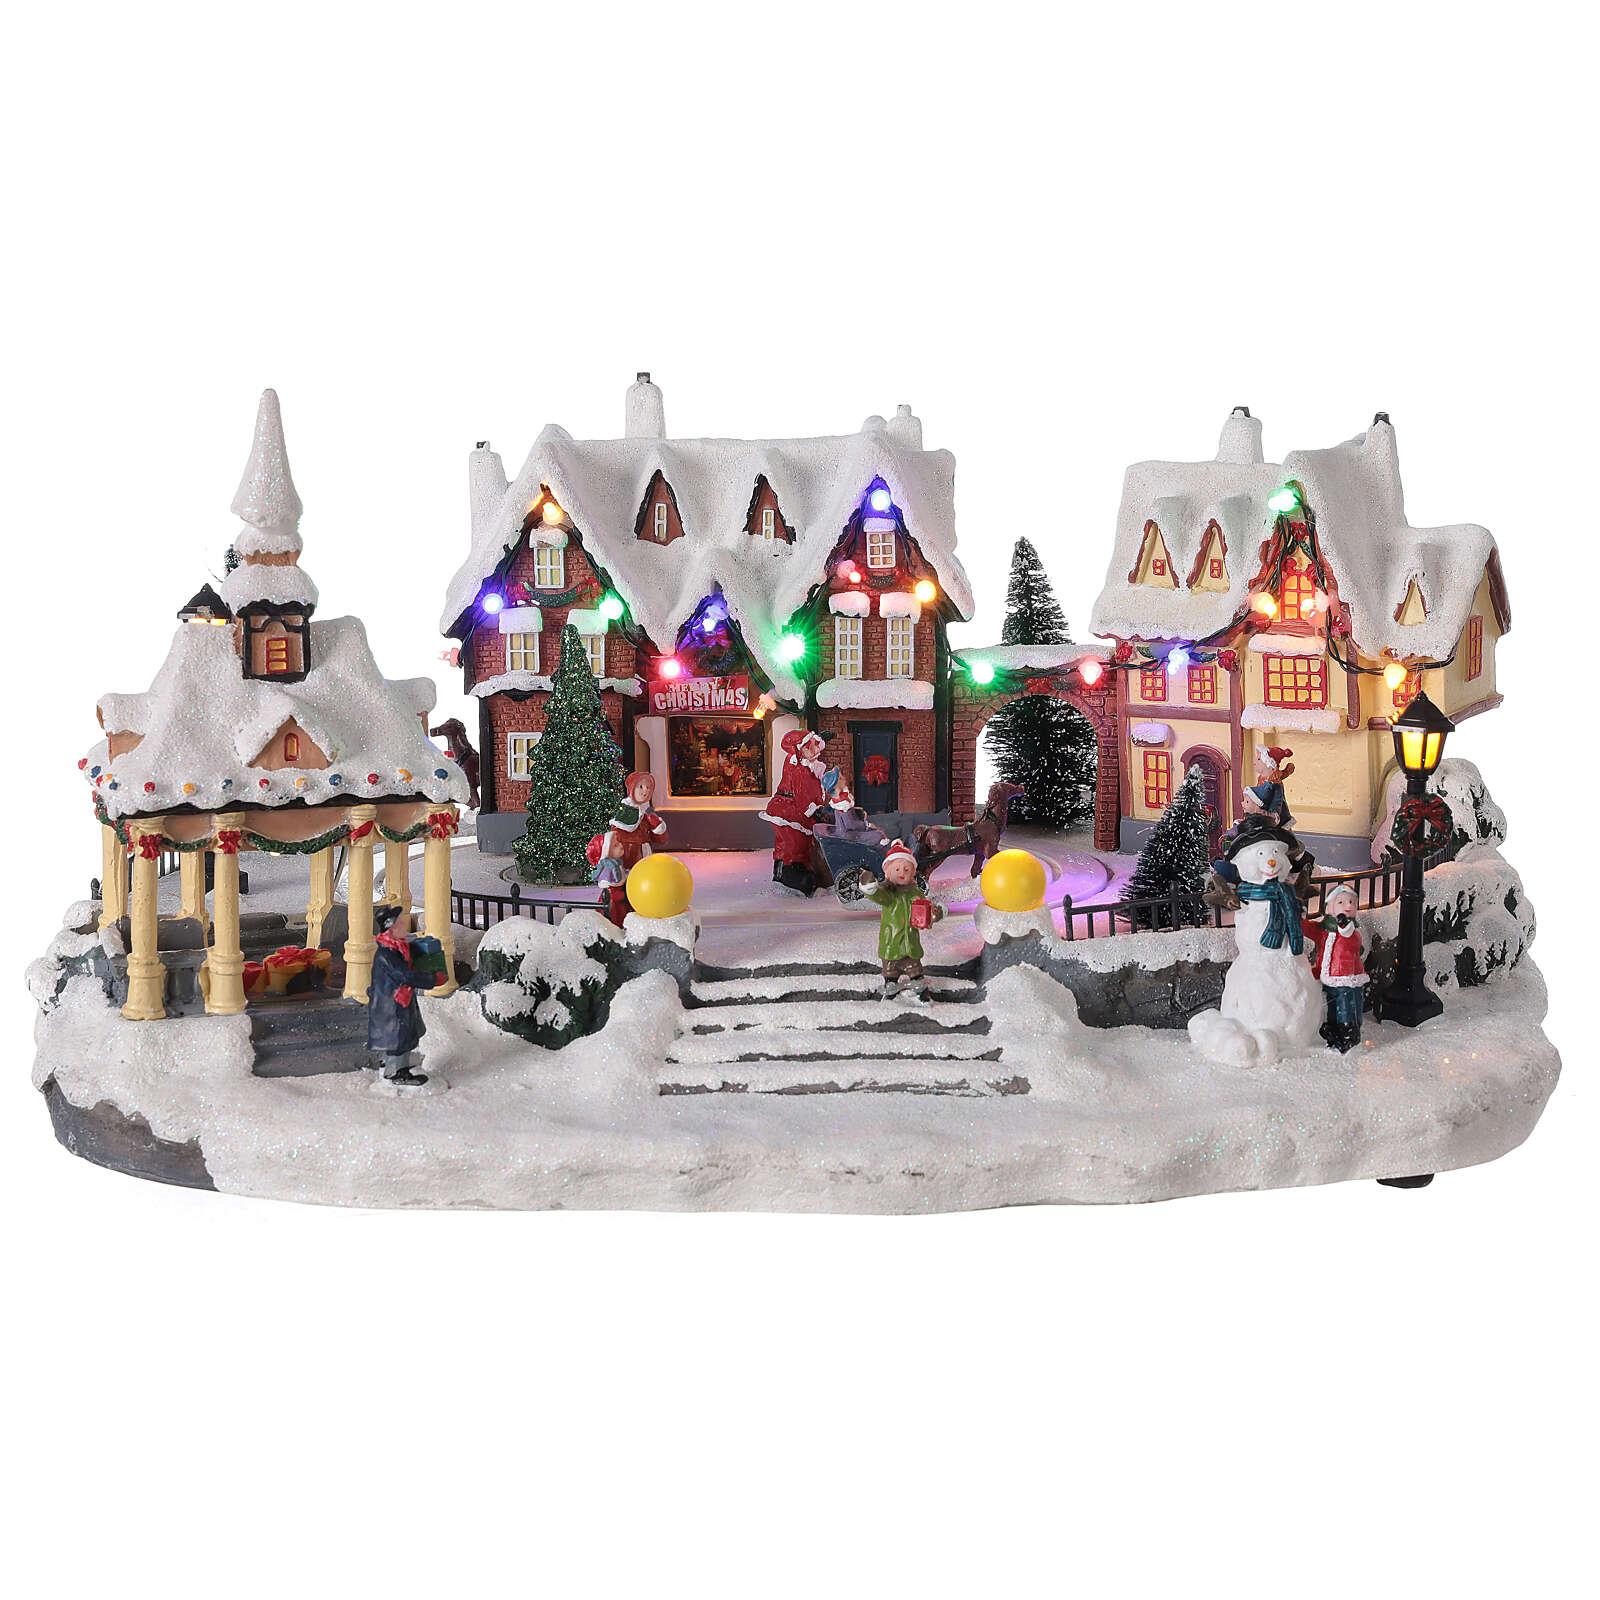 Villaggio natalizio innevato piazza led musica 25x45x30 cm 3